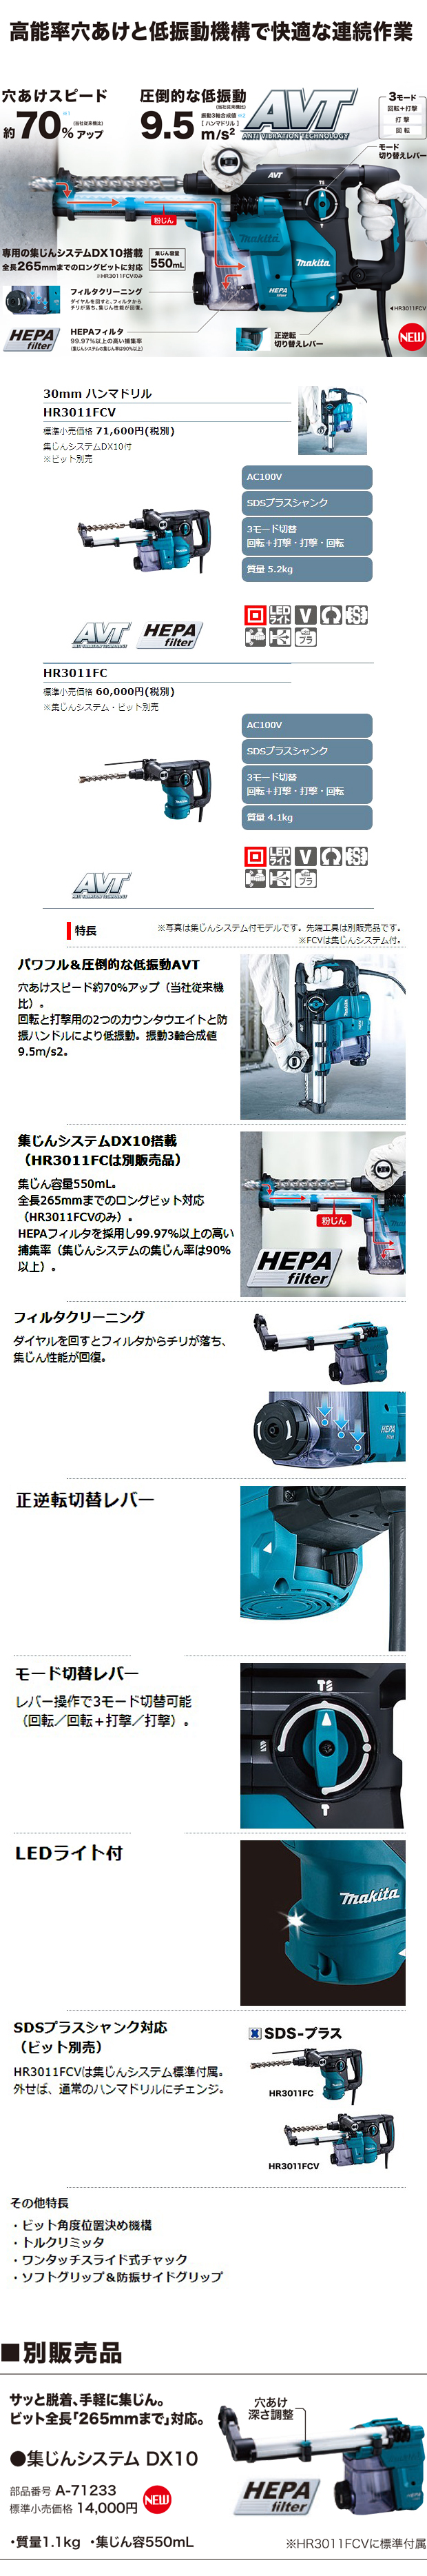 マキタ 30mmハンマドリル HR3011FCV/FC